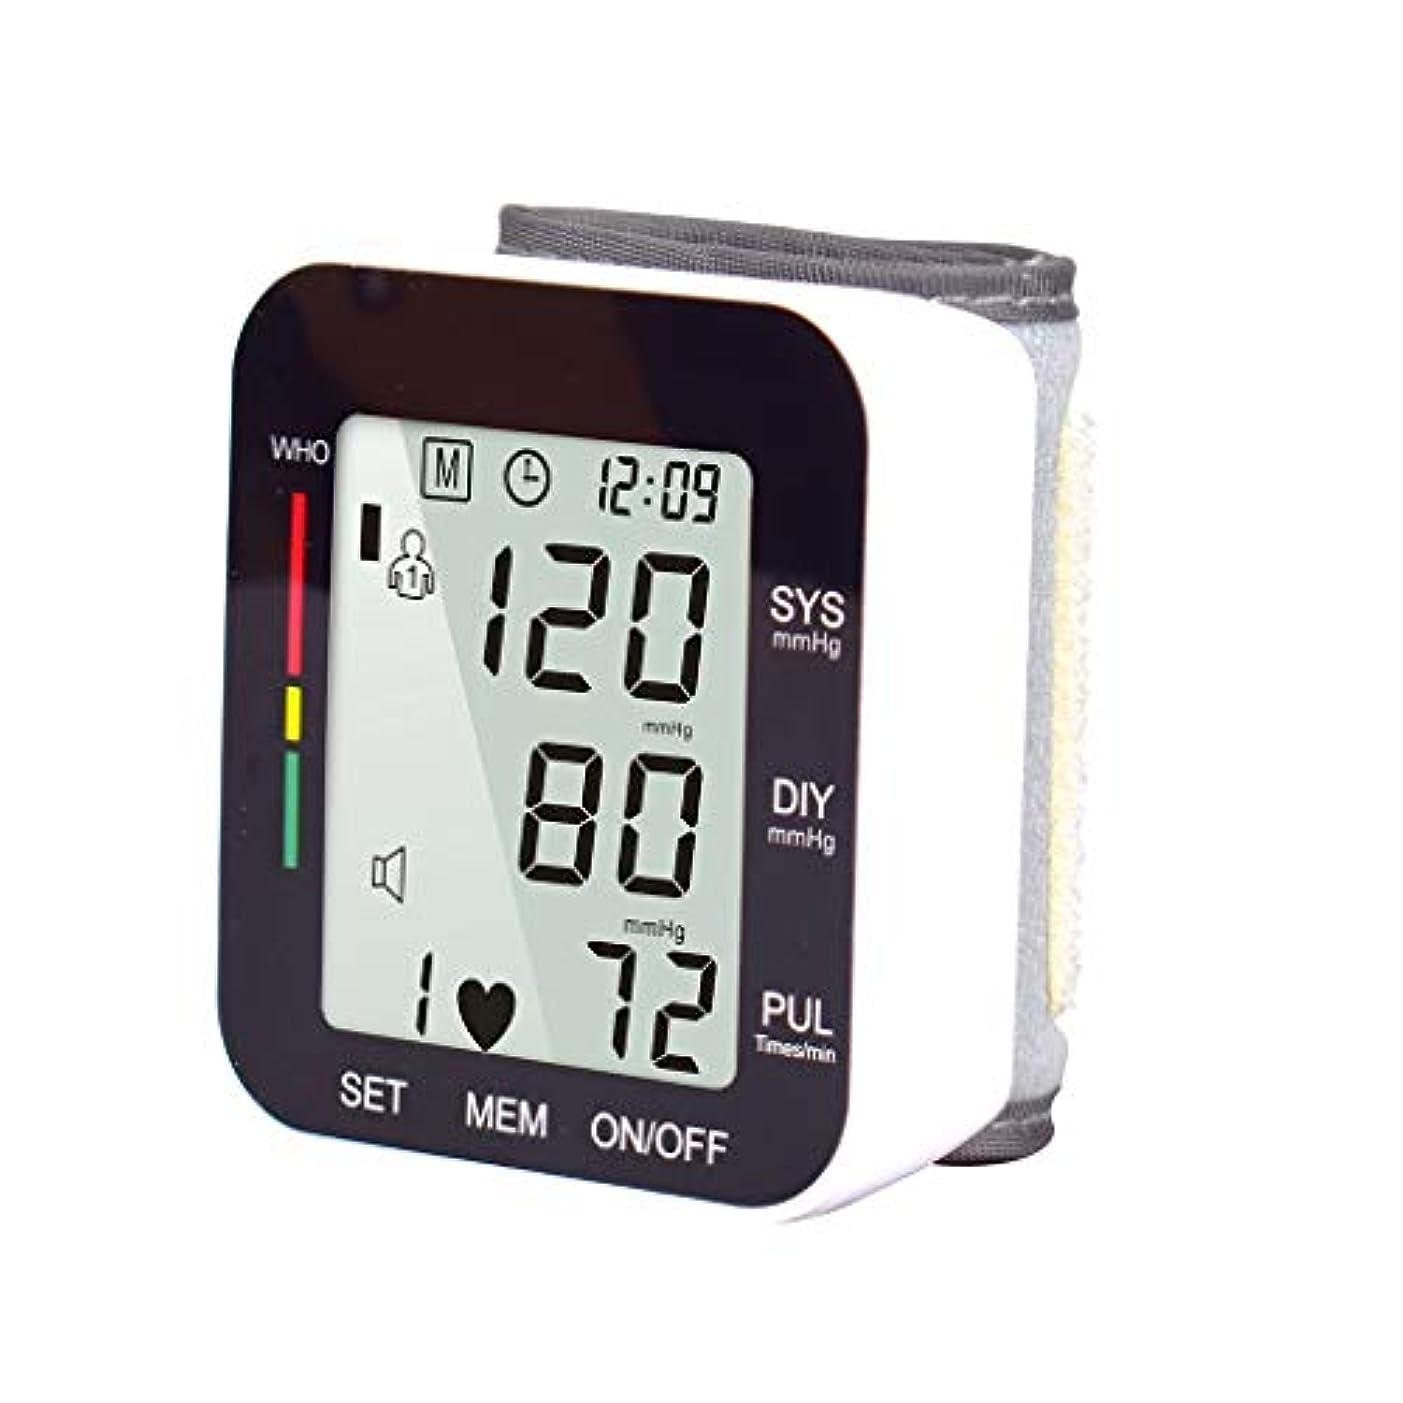 目指す修理可能余分なアッパーアームLCDデジタルディスプレイ用血圧モニターインテリジェント心拍検出デュアル電源の高密度ポリエチレン住宅 (Color : Black)